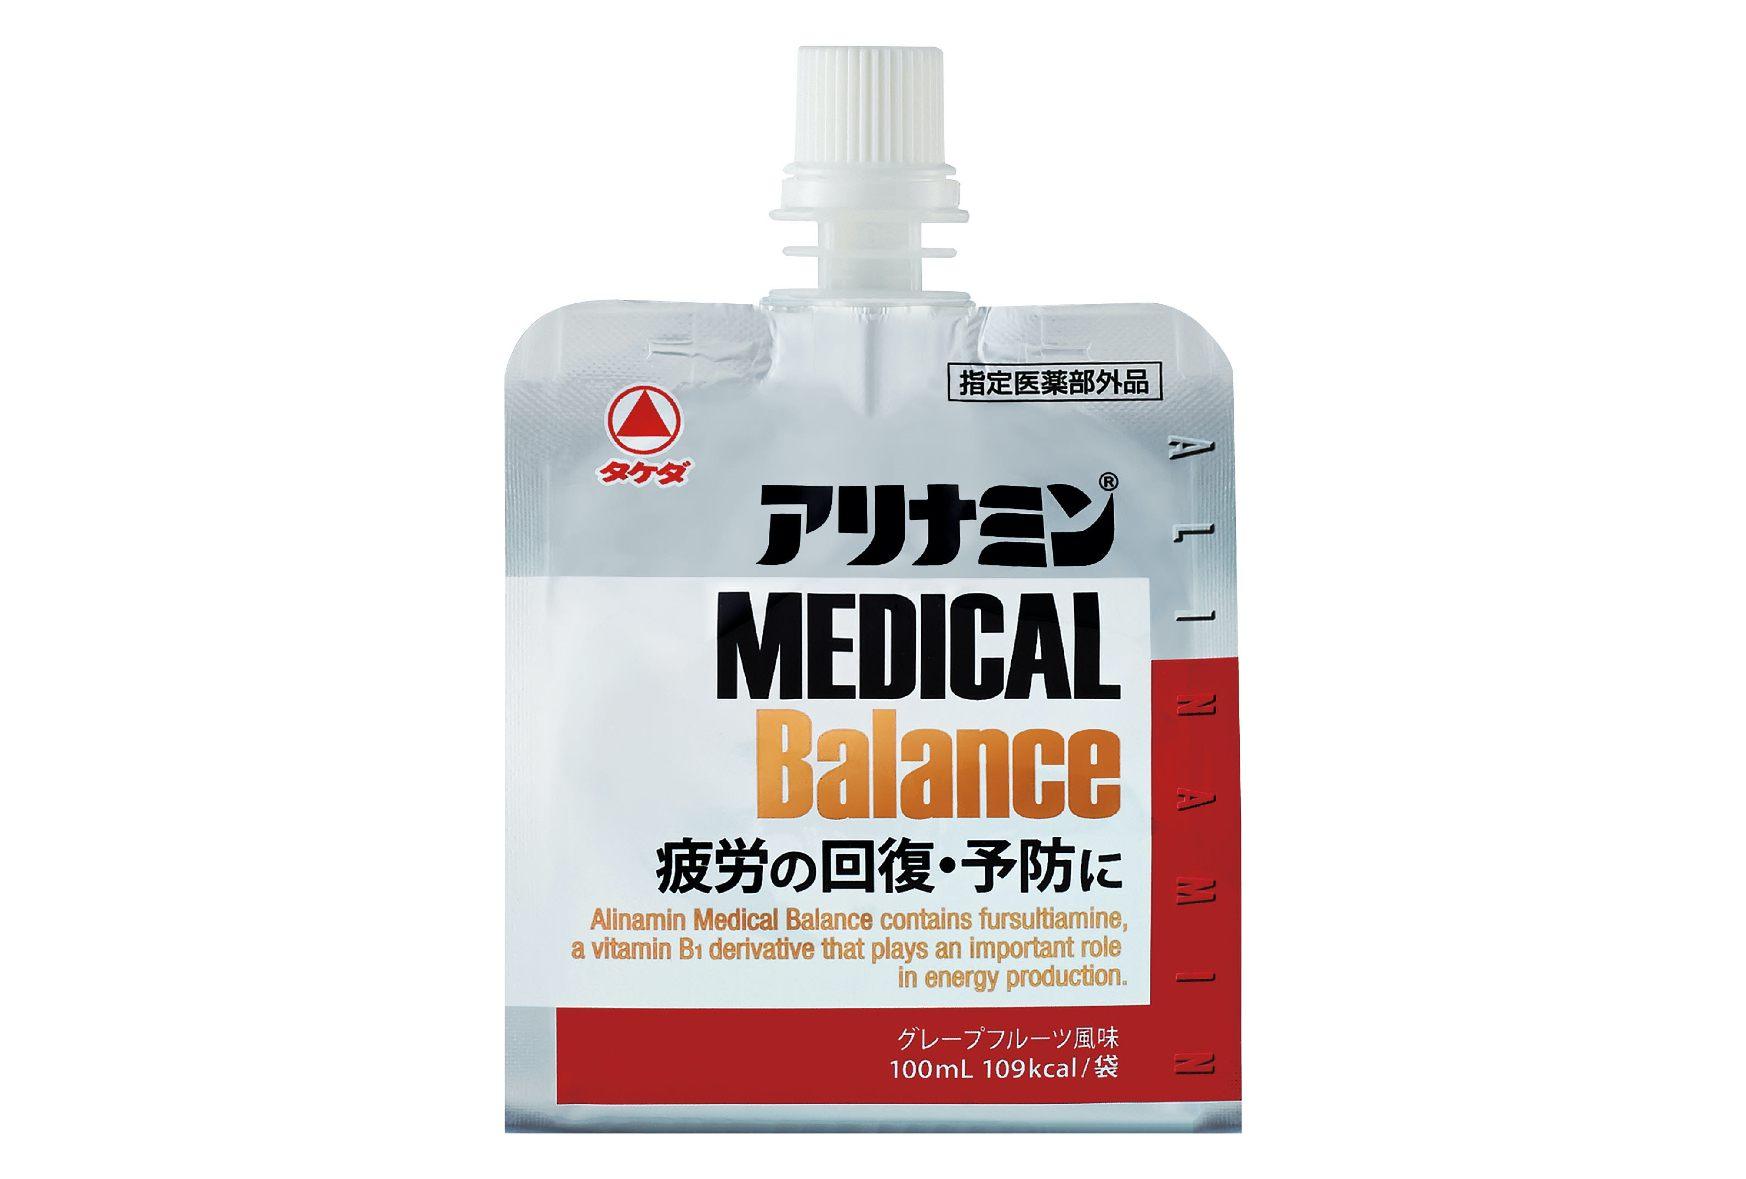 合利他命 MEDICAL Balance(指定醫藥部外品) 幫助恢復和預防旅行中的疲勞